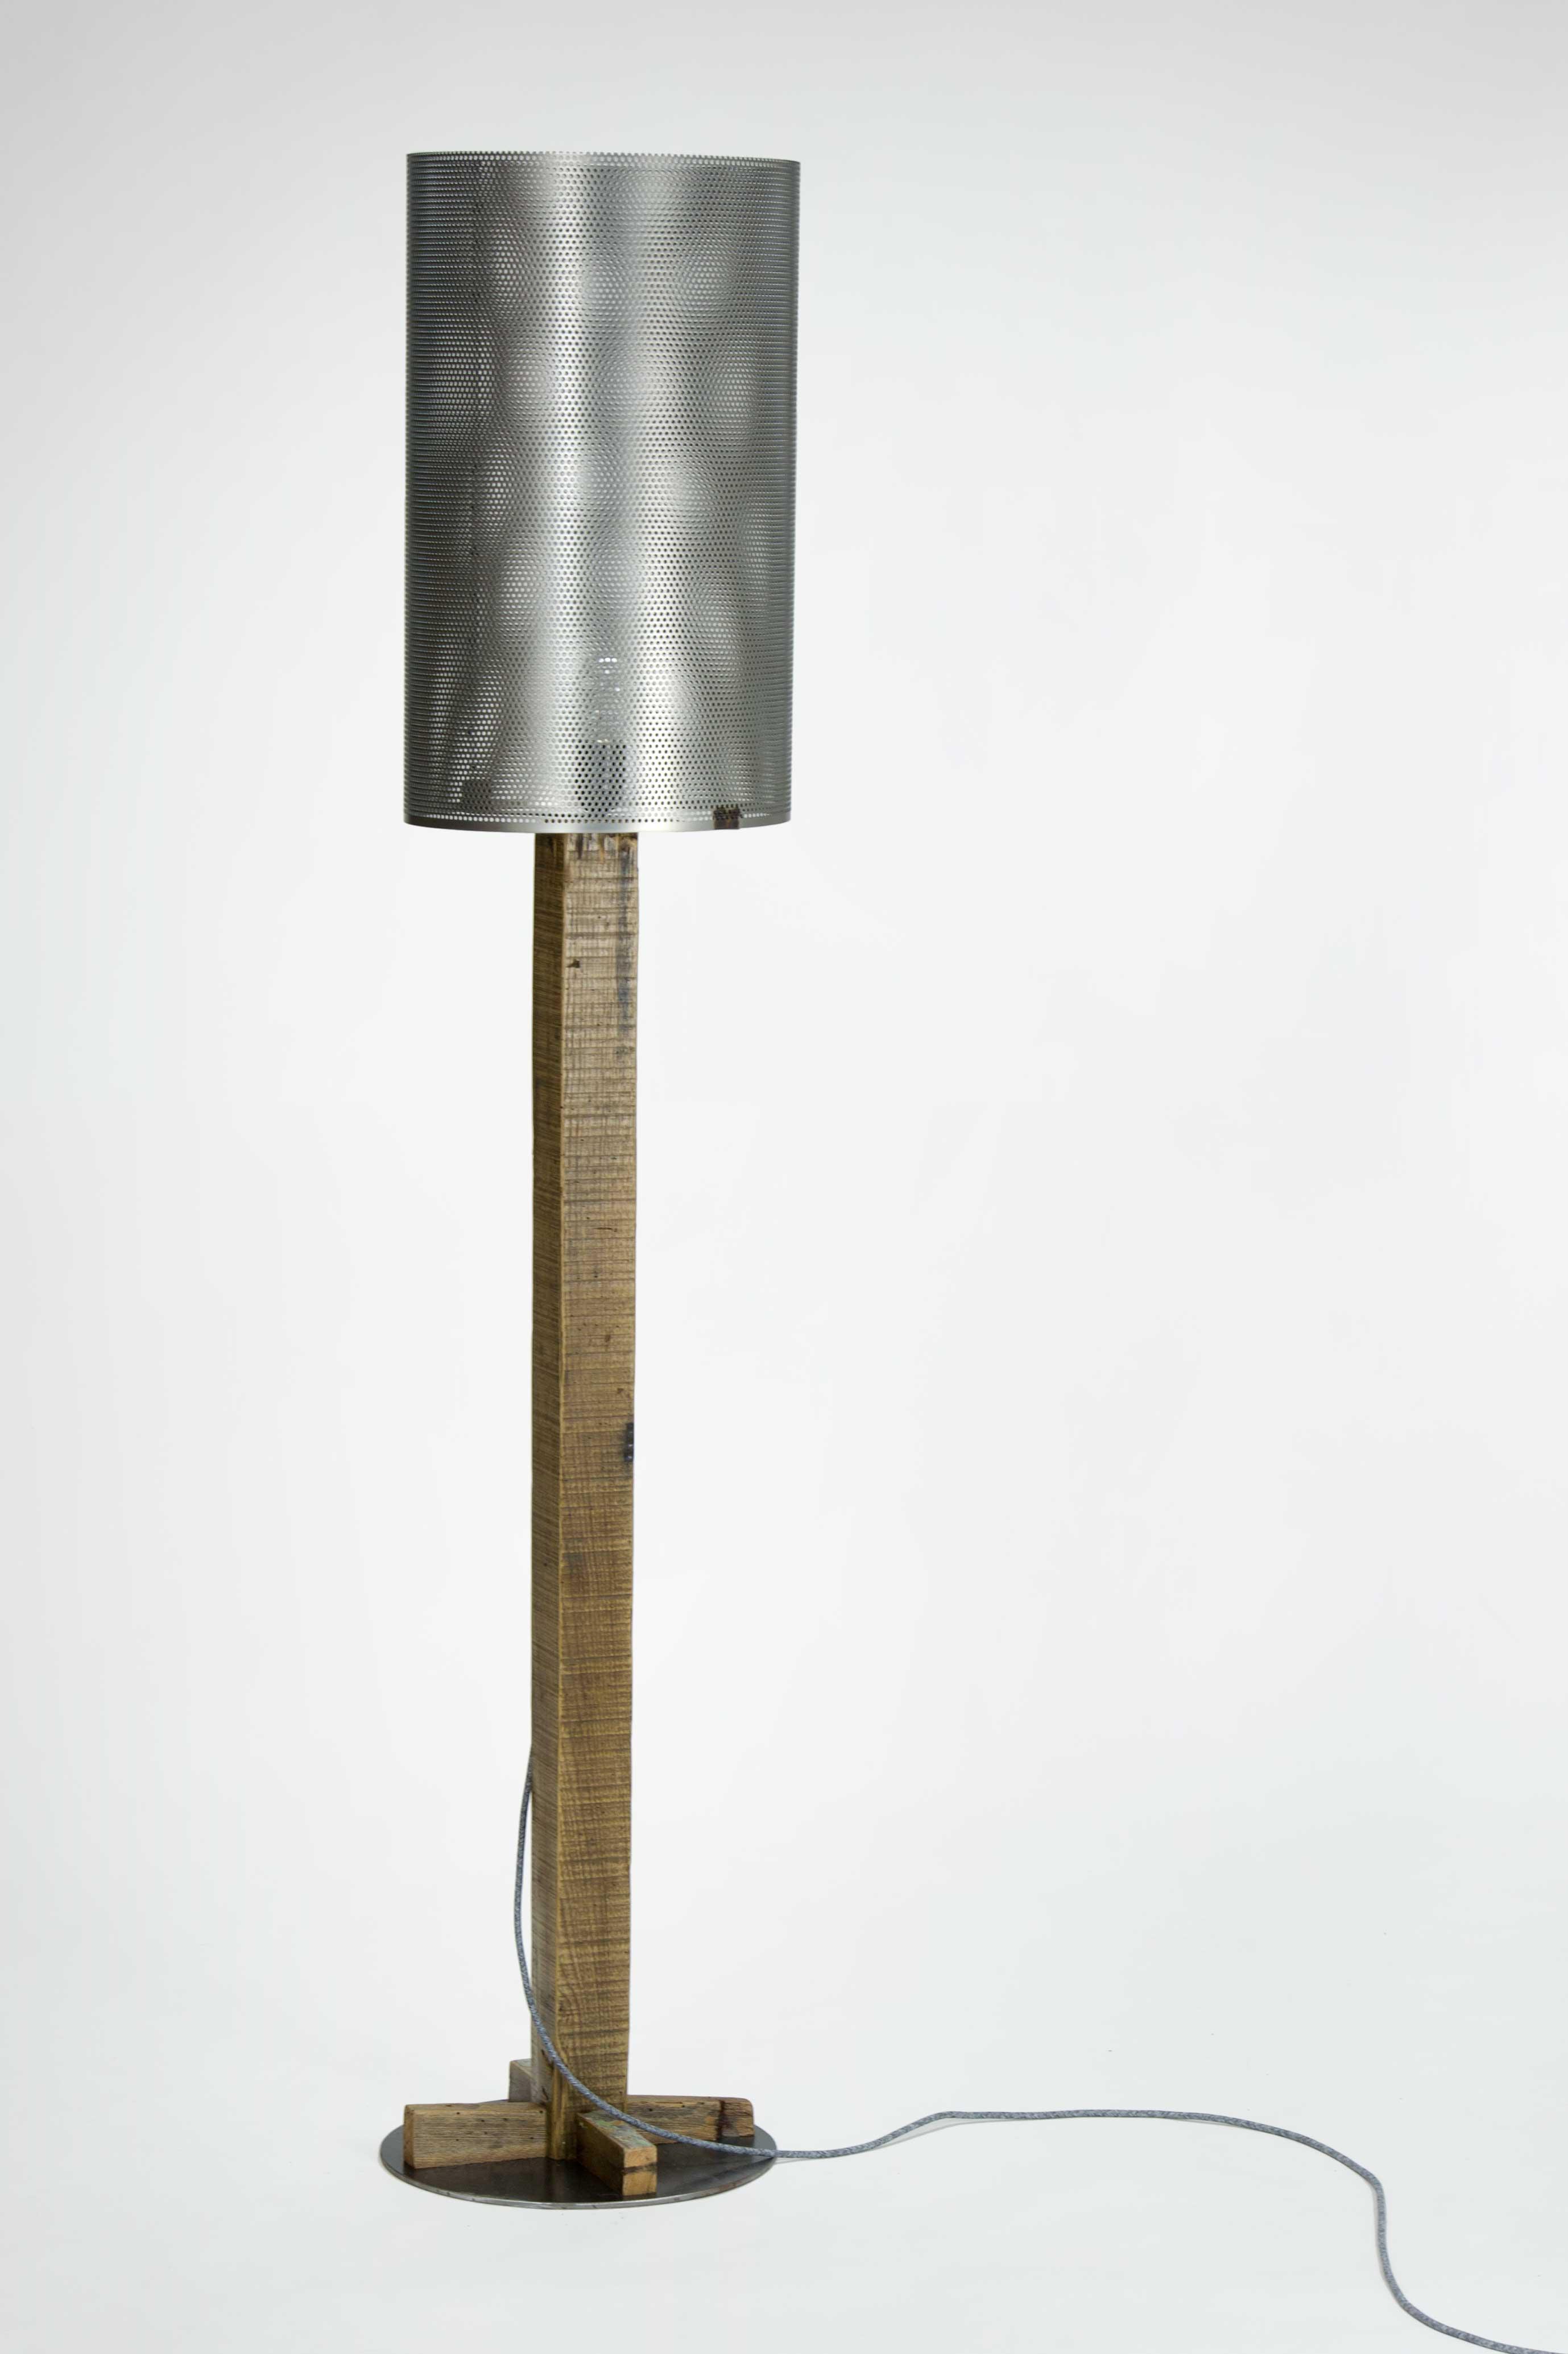 Lampada da terra con corpo in legno vintage, cavo colorato e capello in ferro